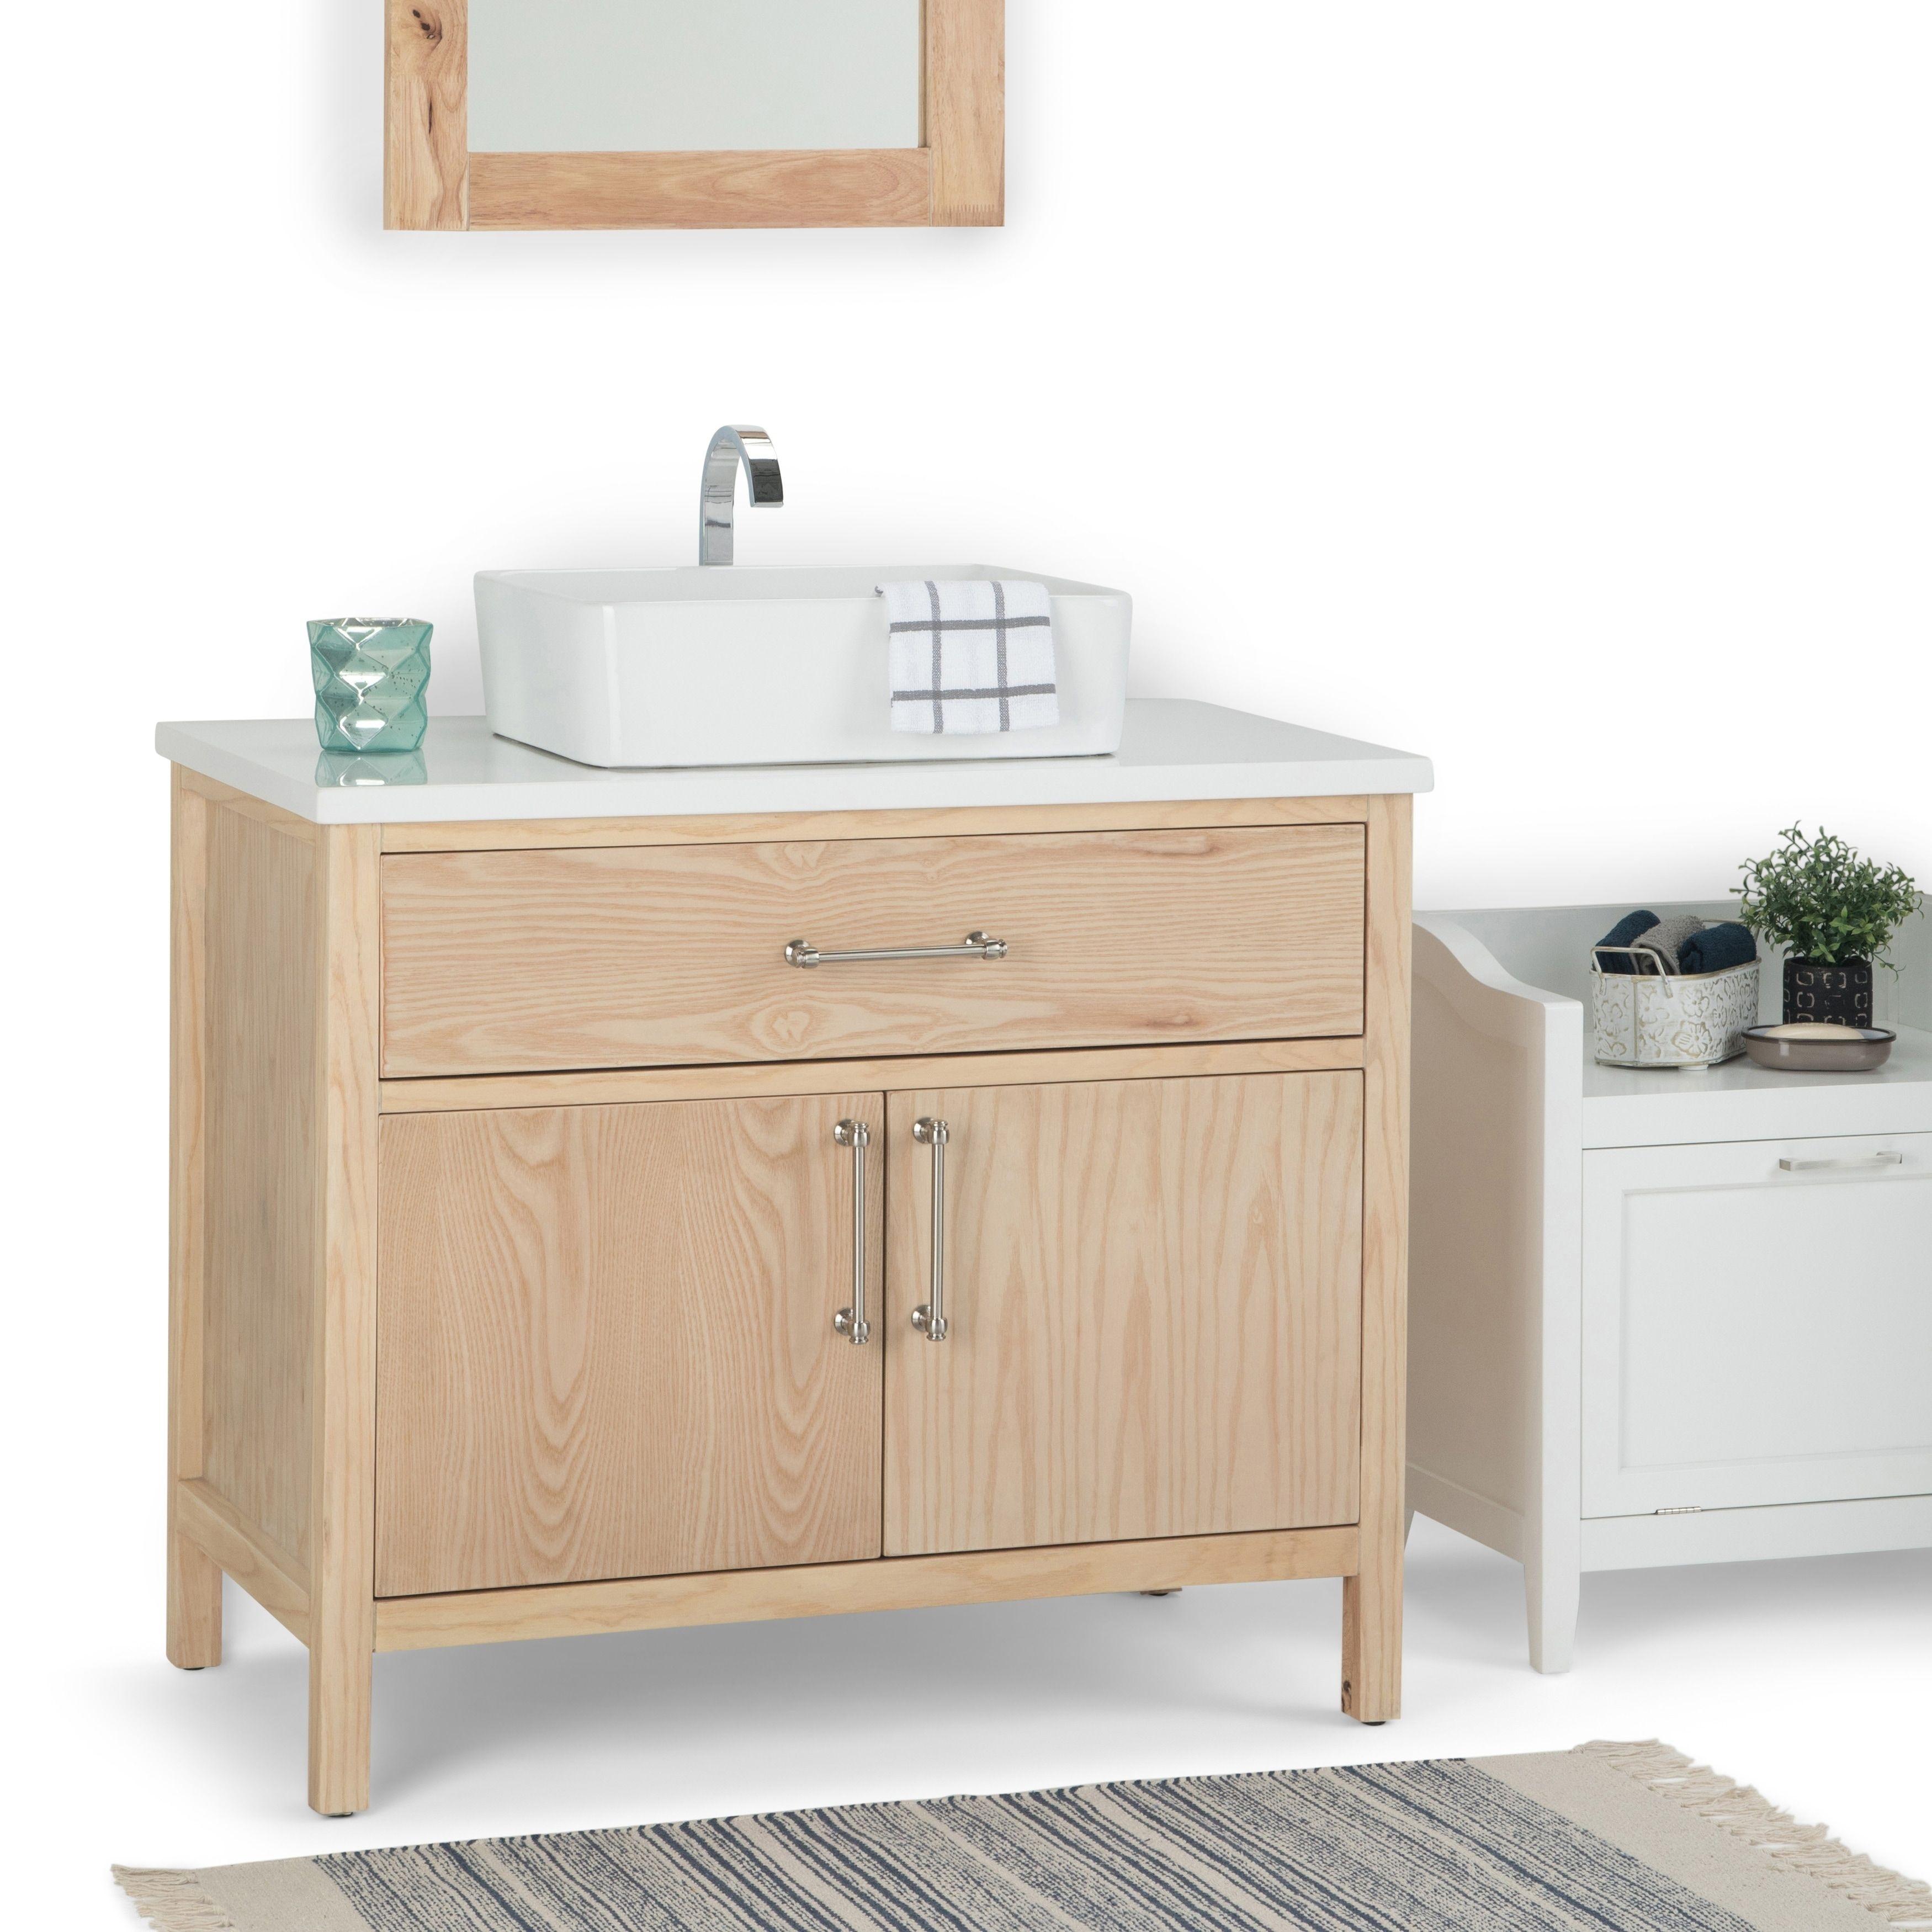 Wyndenhall Farley 36 Inch Modern Bath Vanity With White Engineered Marble Top Rectangular Vessel Sink Beige Bath Vanities Single Bathroom Vanity Vanity [ 3500 x 3500 Pixel ]